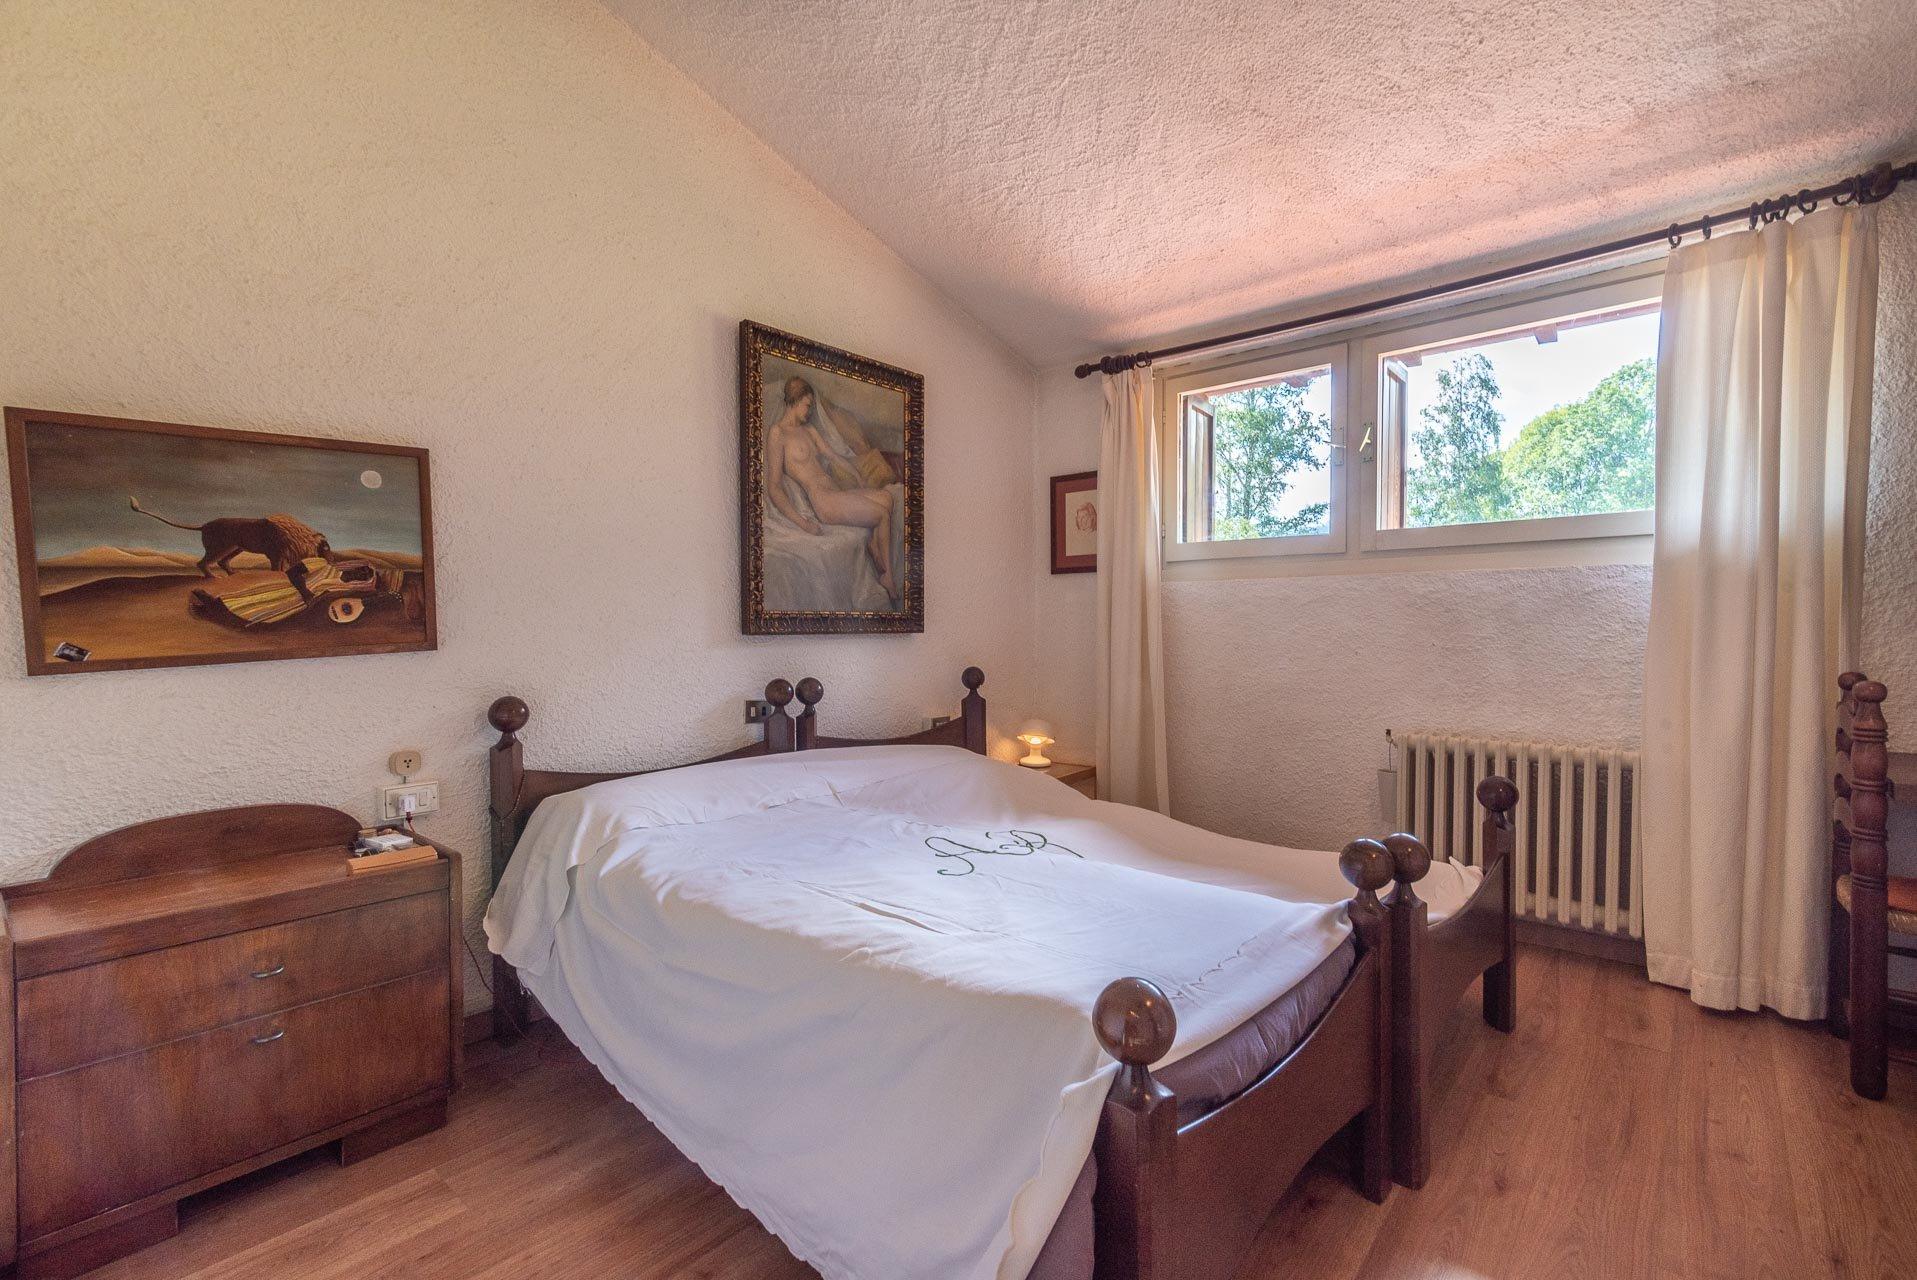 Villa con piscina in vendita a Gignese - camera matrimoniale